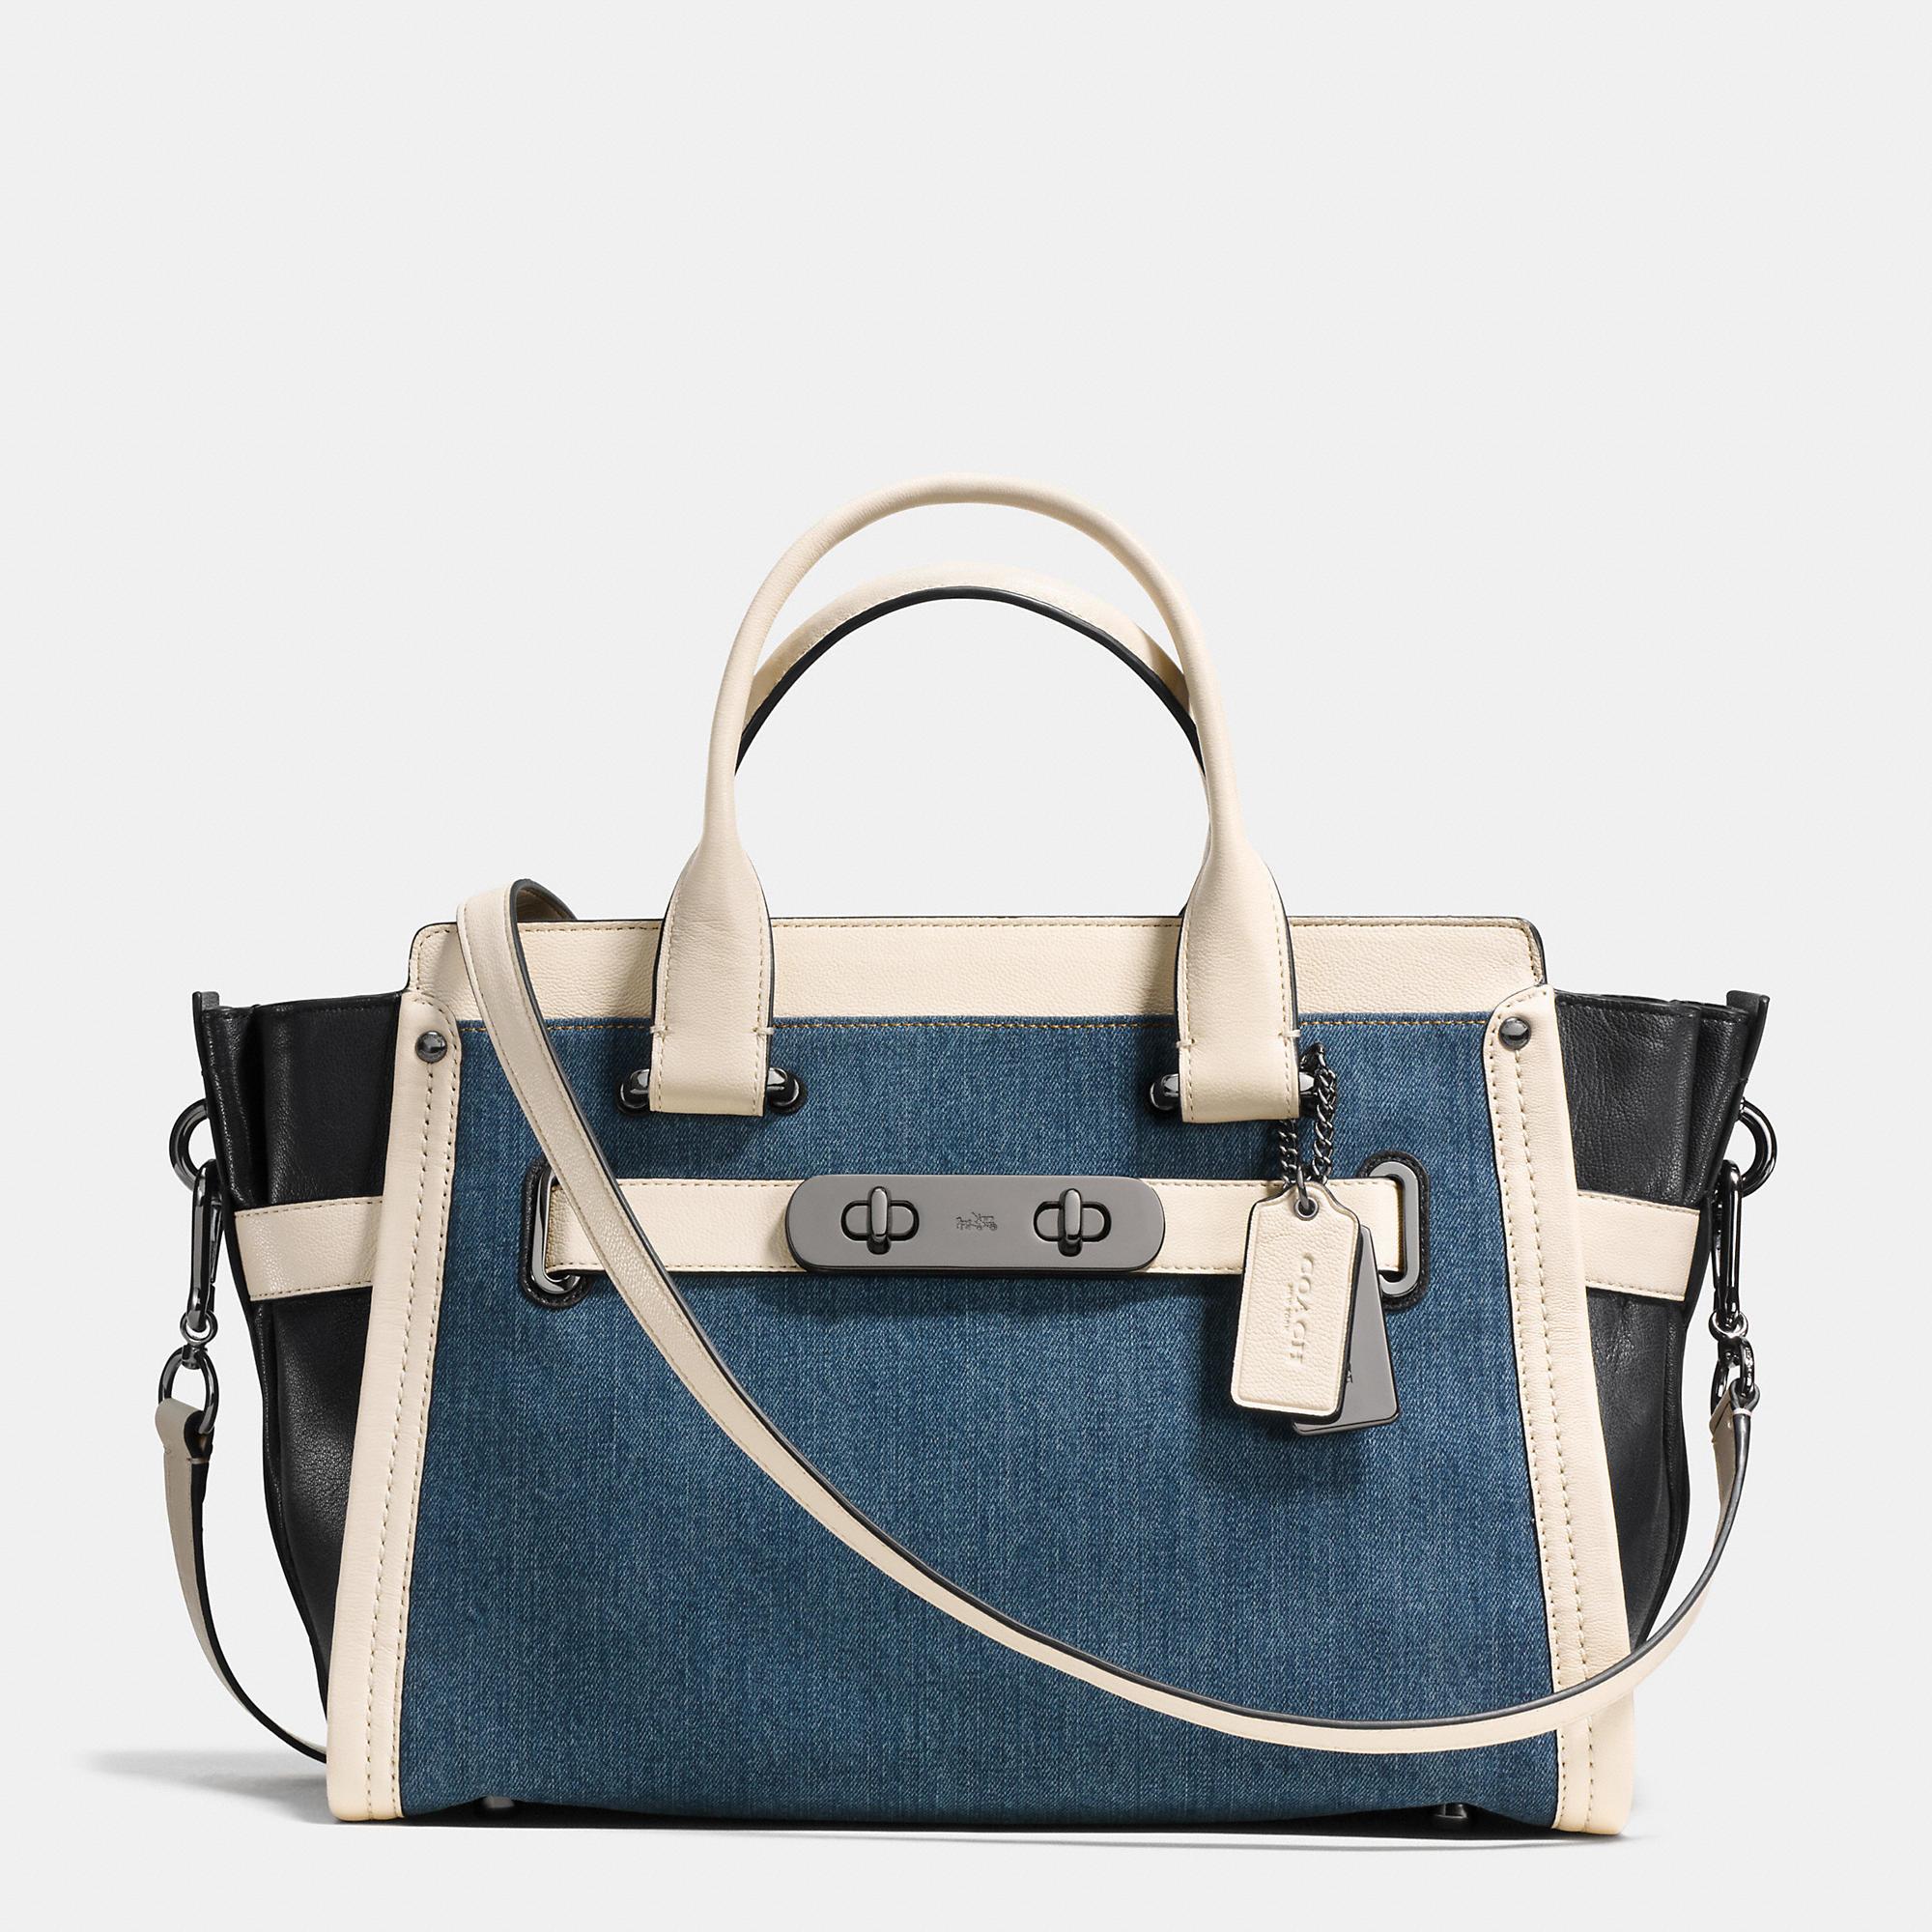 Lyst - COACH Soft Swagger In Colorblock Denim in Blue fb5e73e89a382